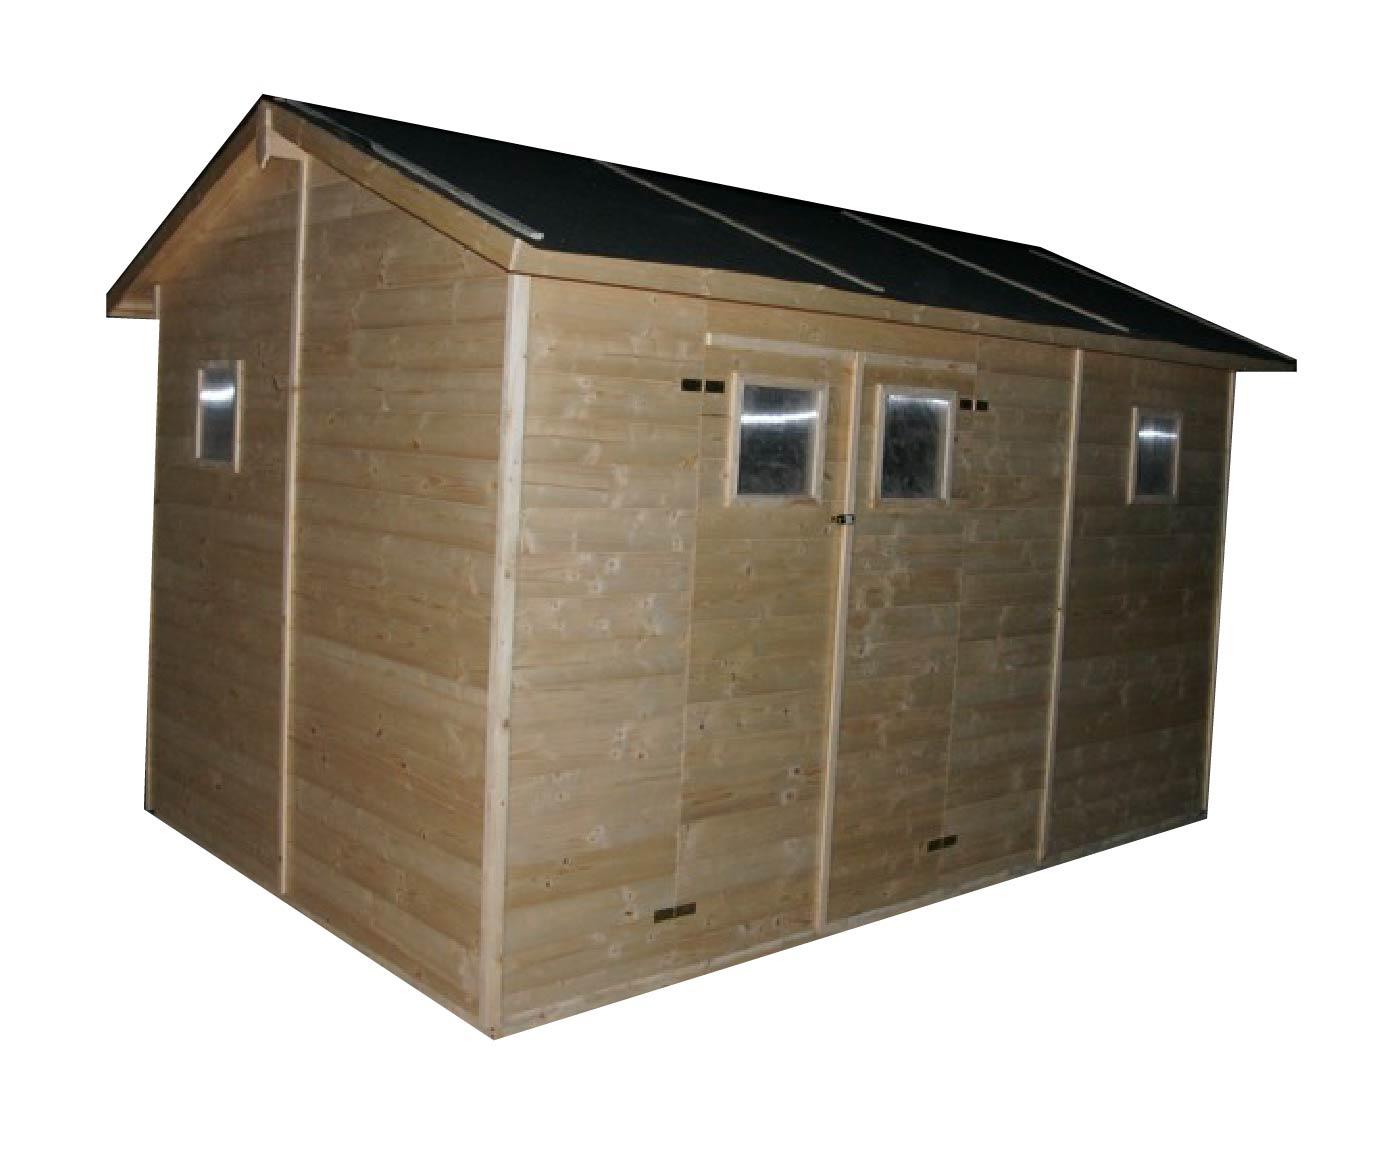 Zahradní dřevěný domek DÉNIA (19mm) s okny, rozměr 3,3 x 3,9m, v.2,3m